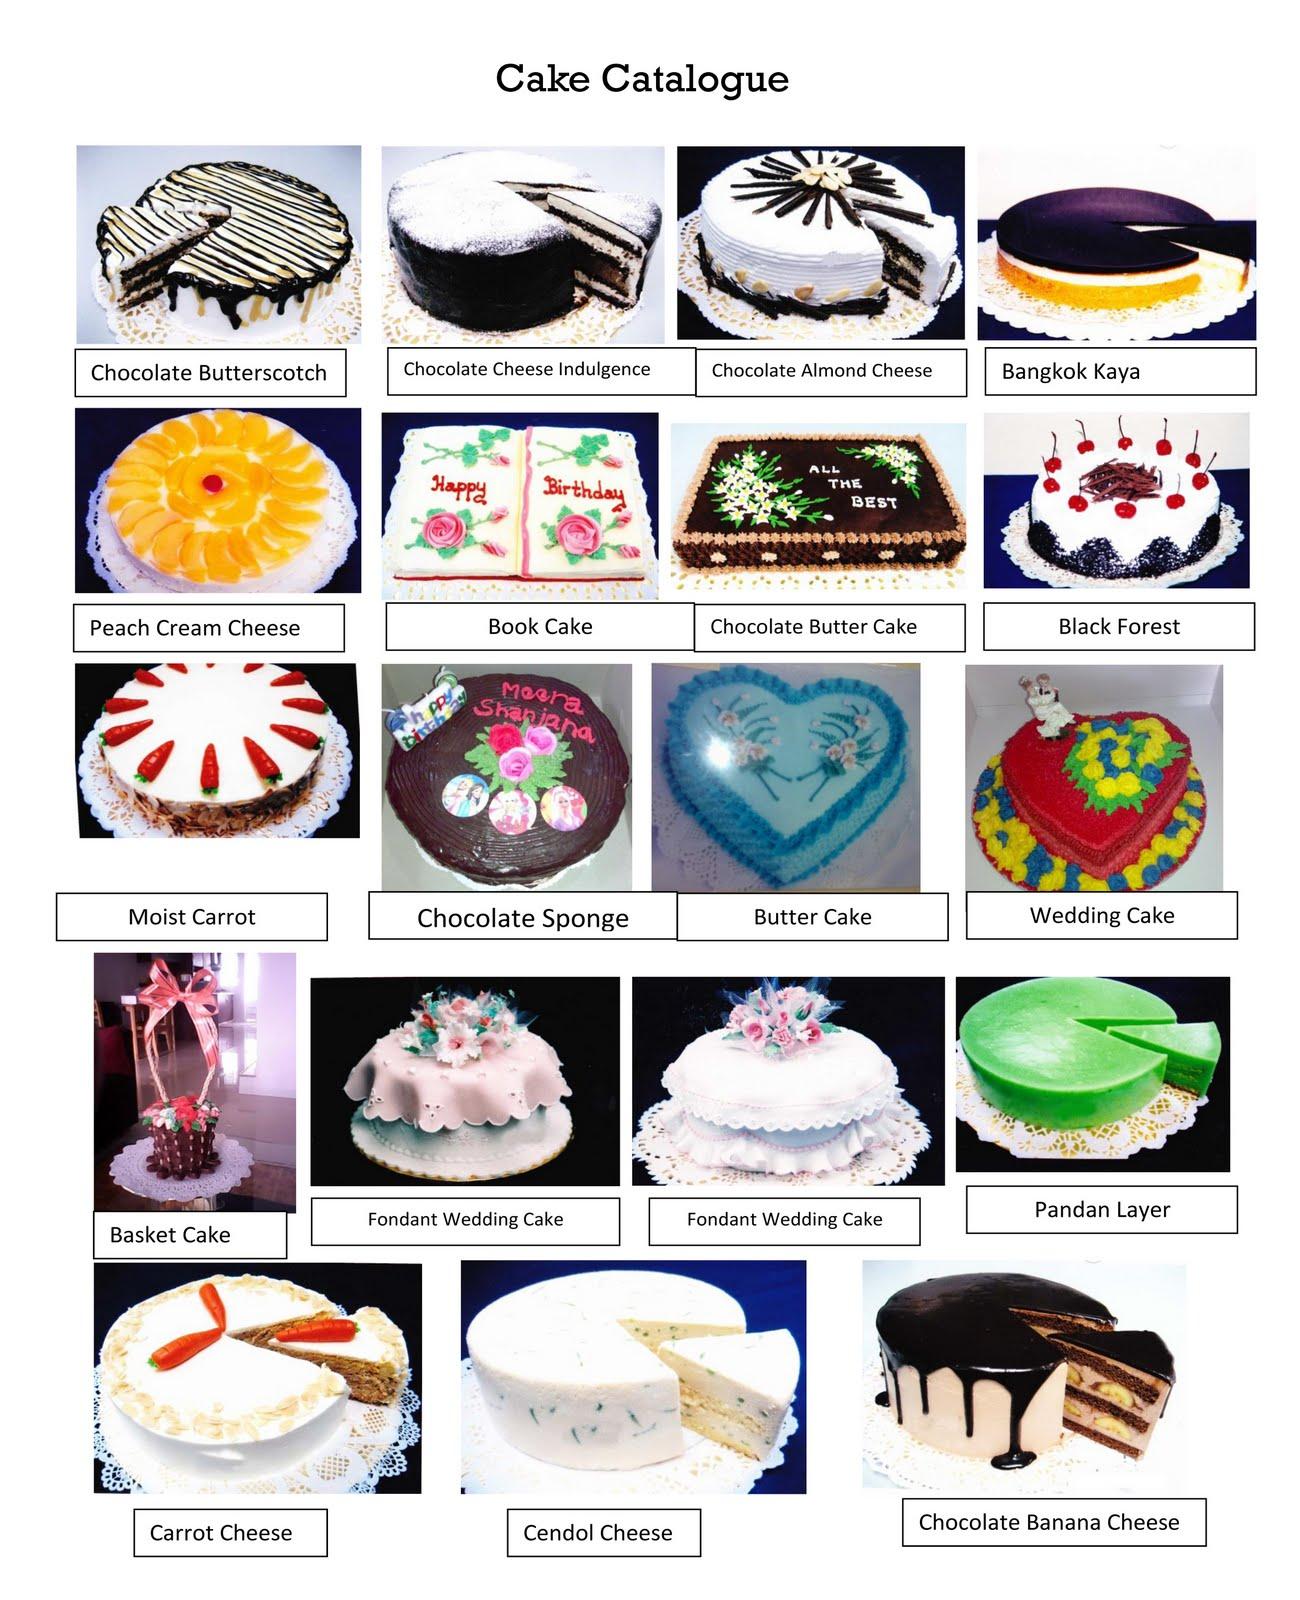 Shantis Homemade Cakes Cake Catalogue